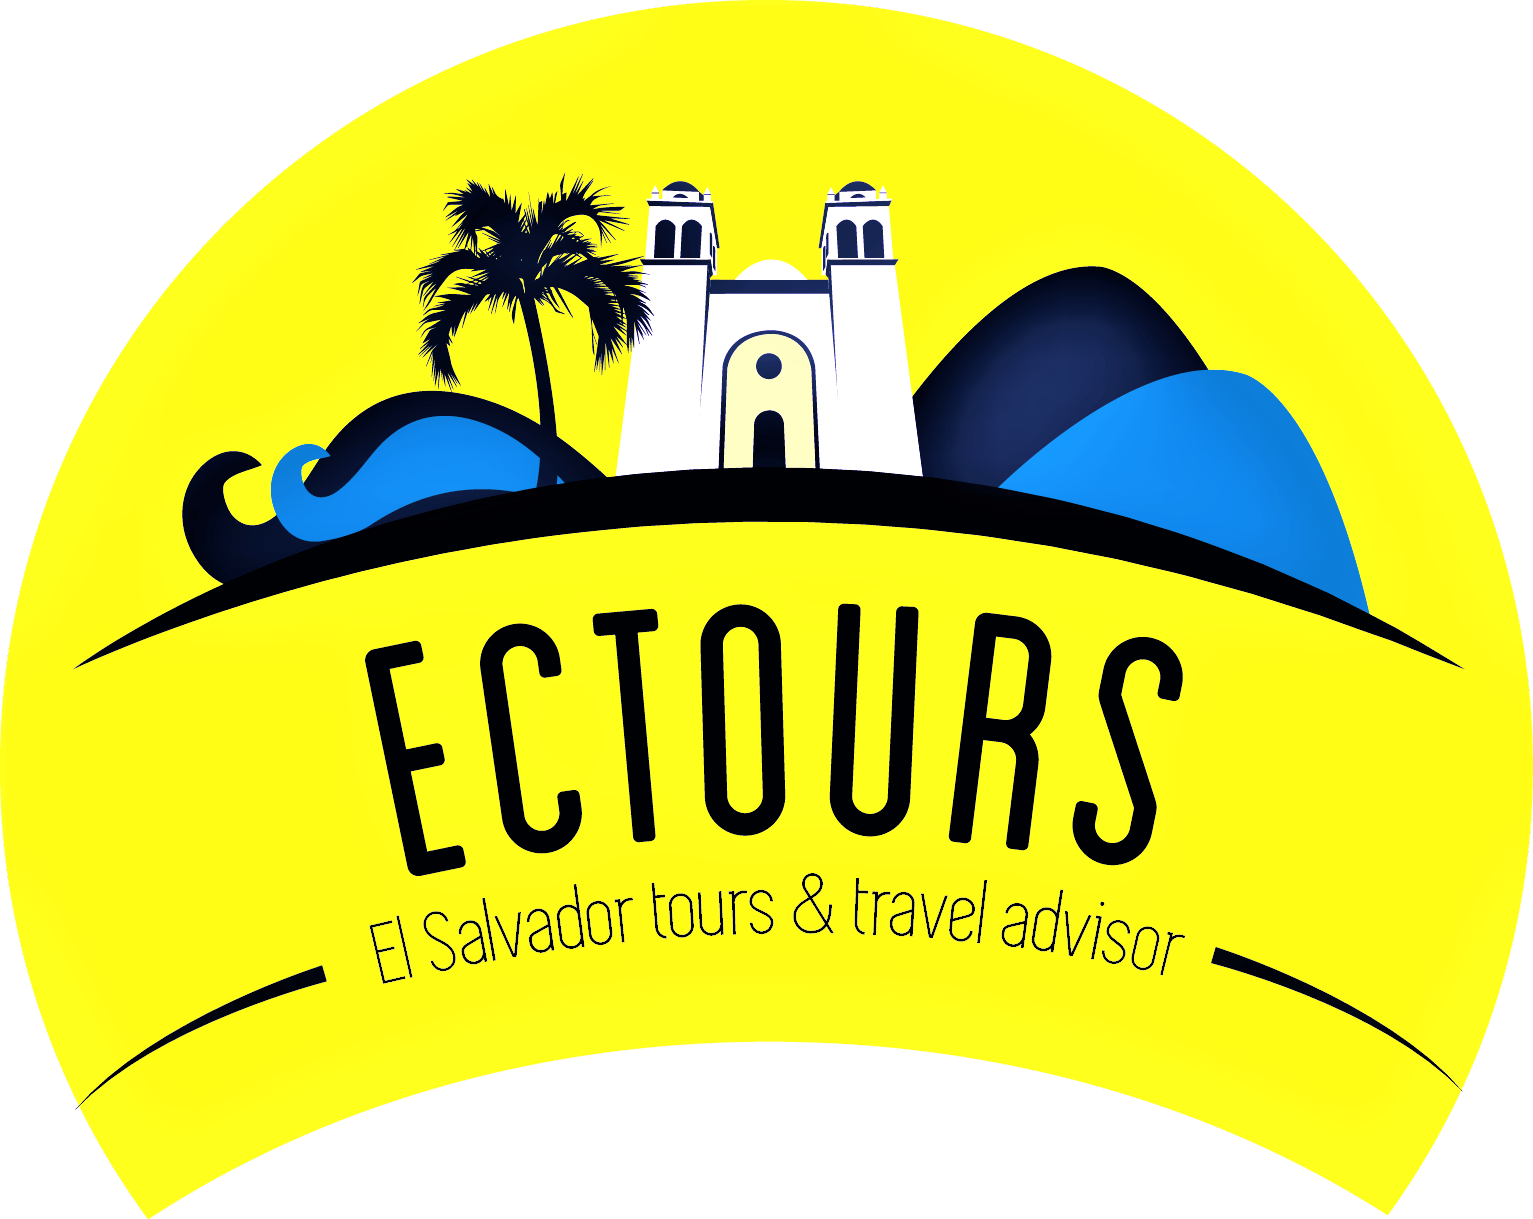 EC Tours el Salvador